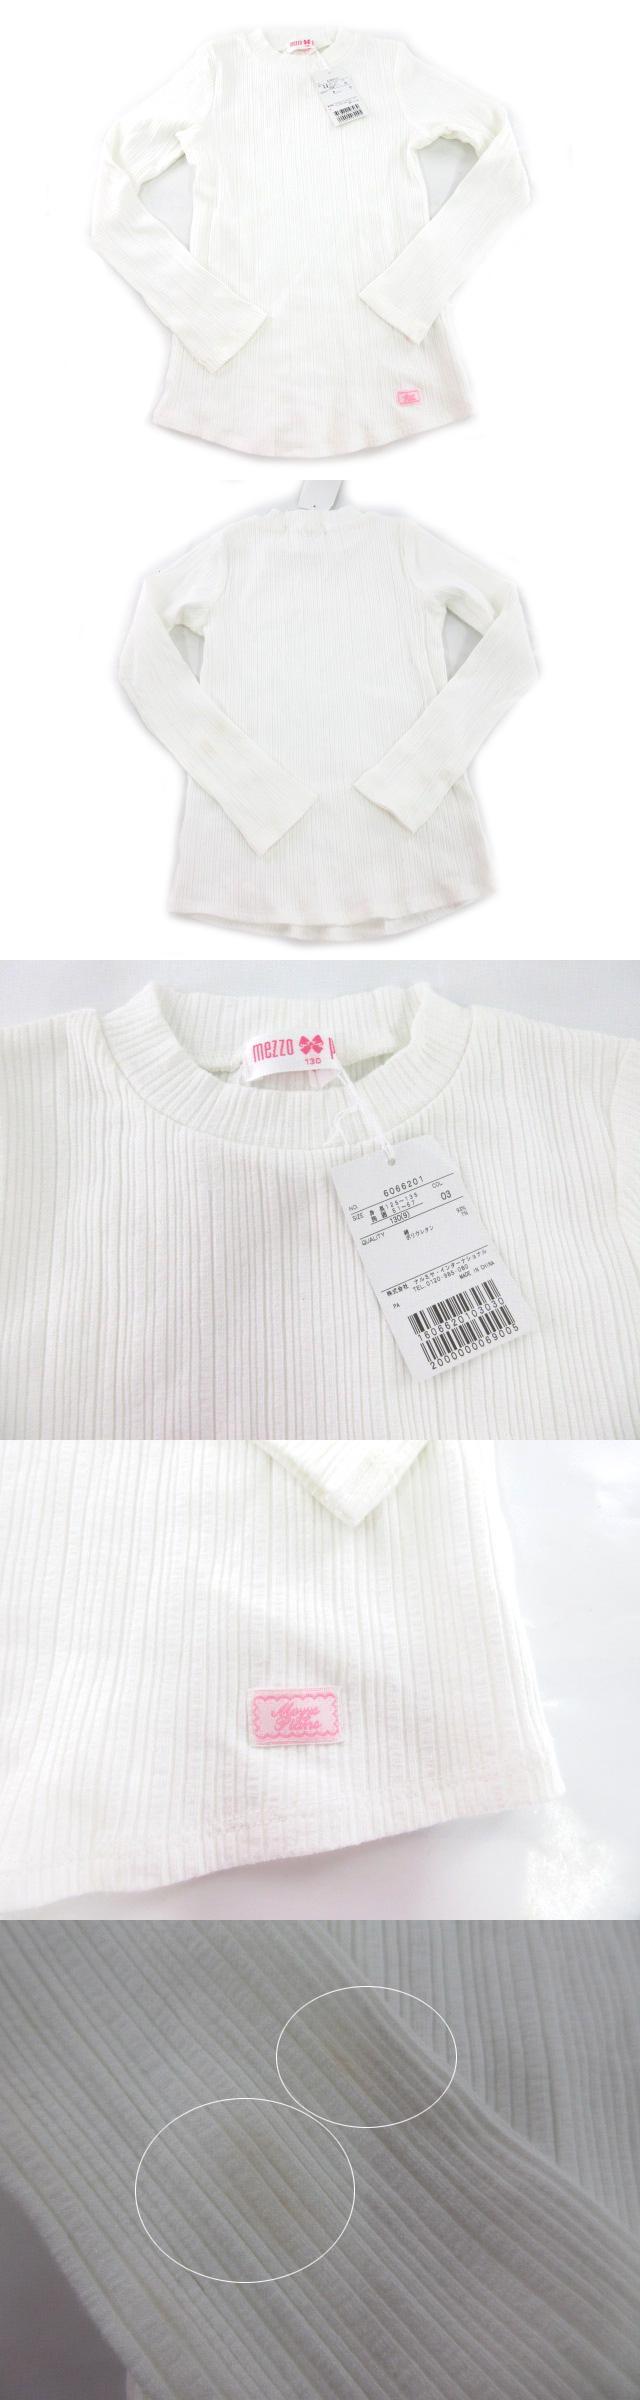 カットソー ロンTシャツ 長袖 白 ホワイト コットン ストレッチ 130 トップス キッズ 女の子